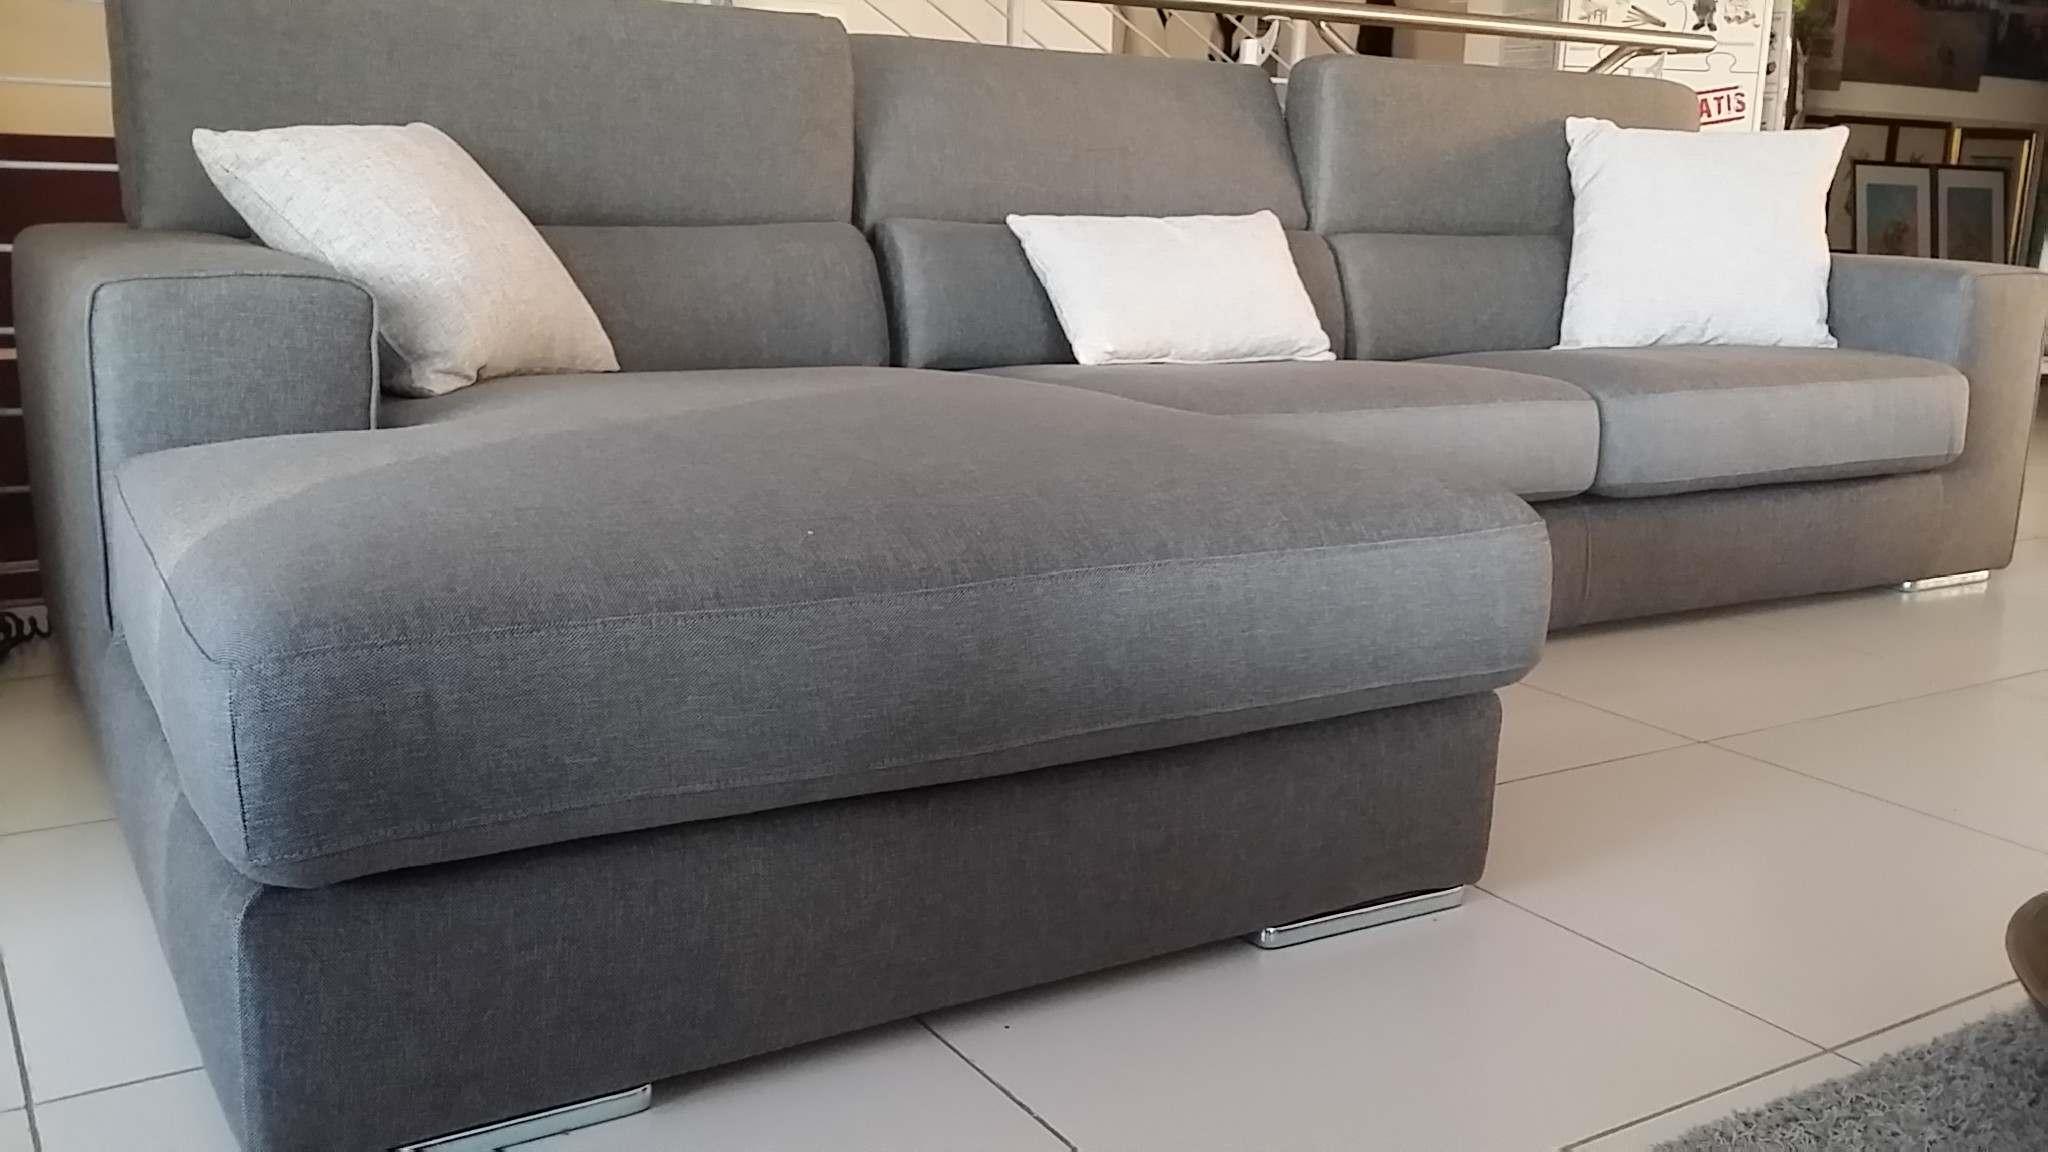 Outlet divano ditre italia antigua divani a prezzi scontati for Outlet del divano